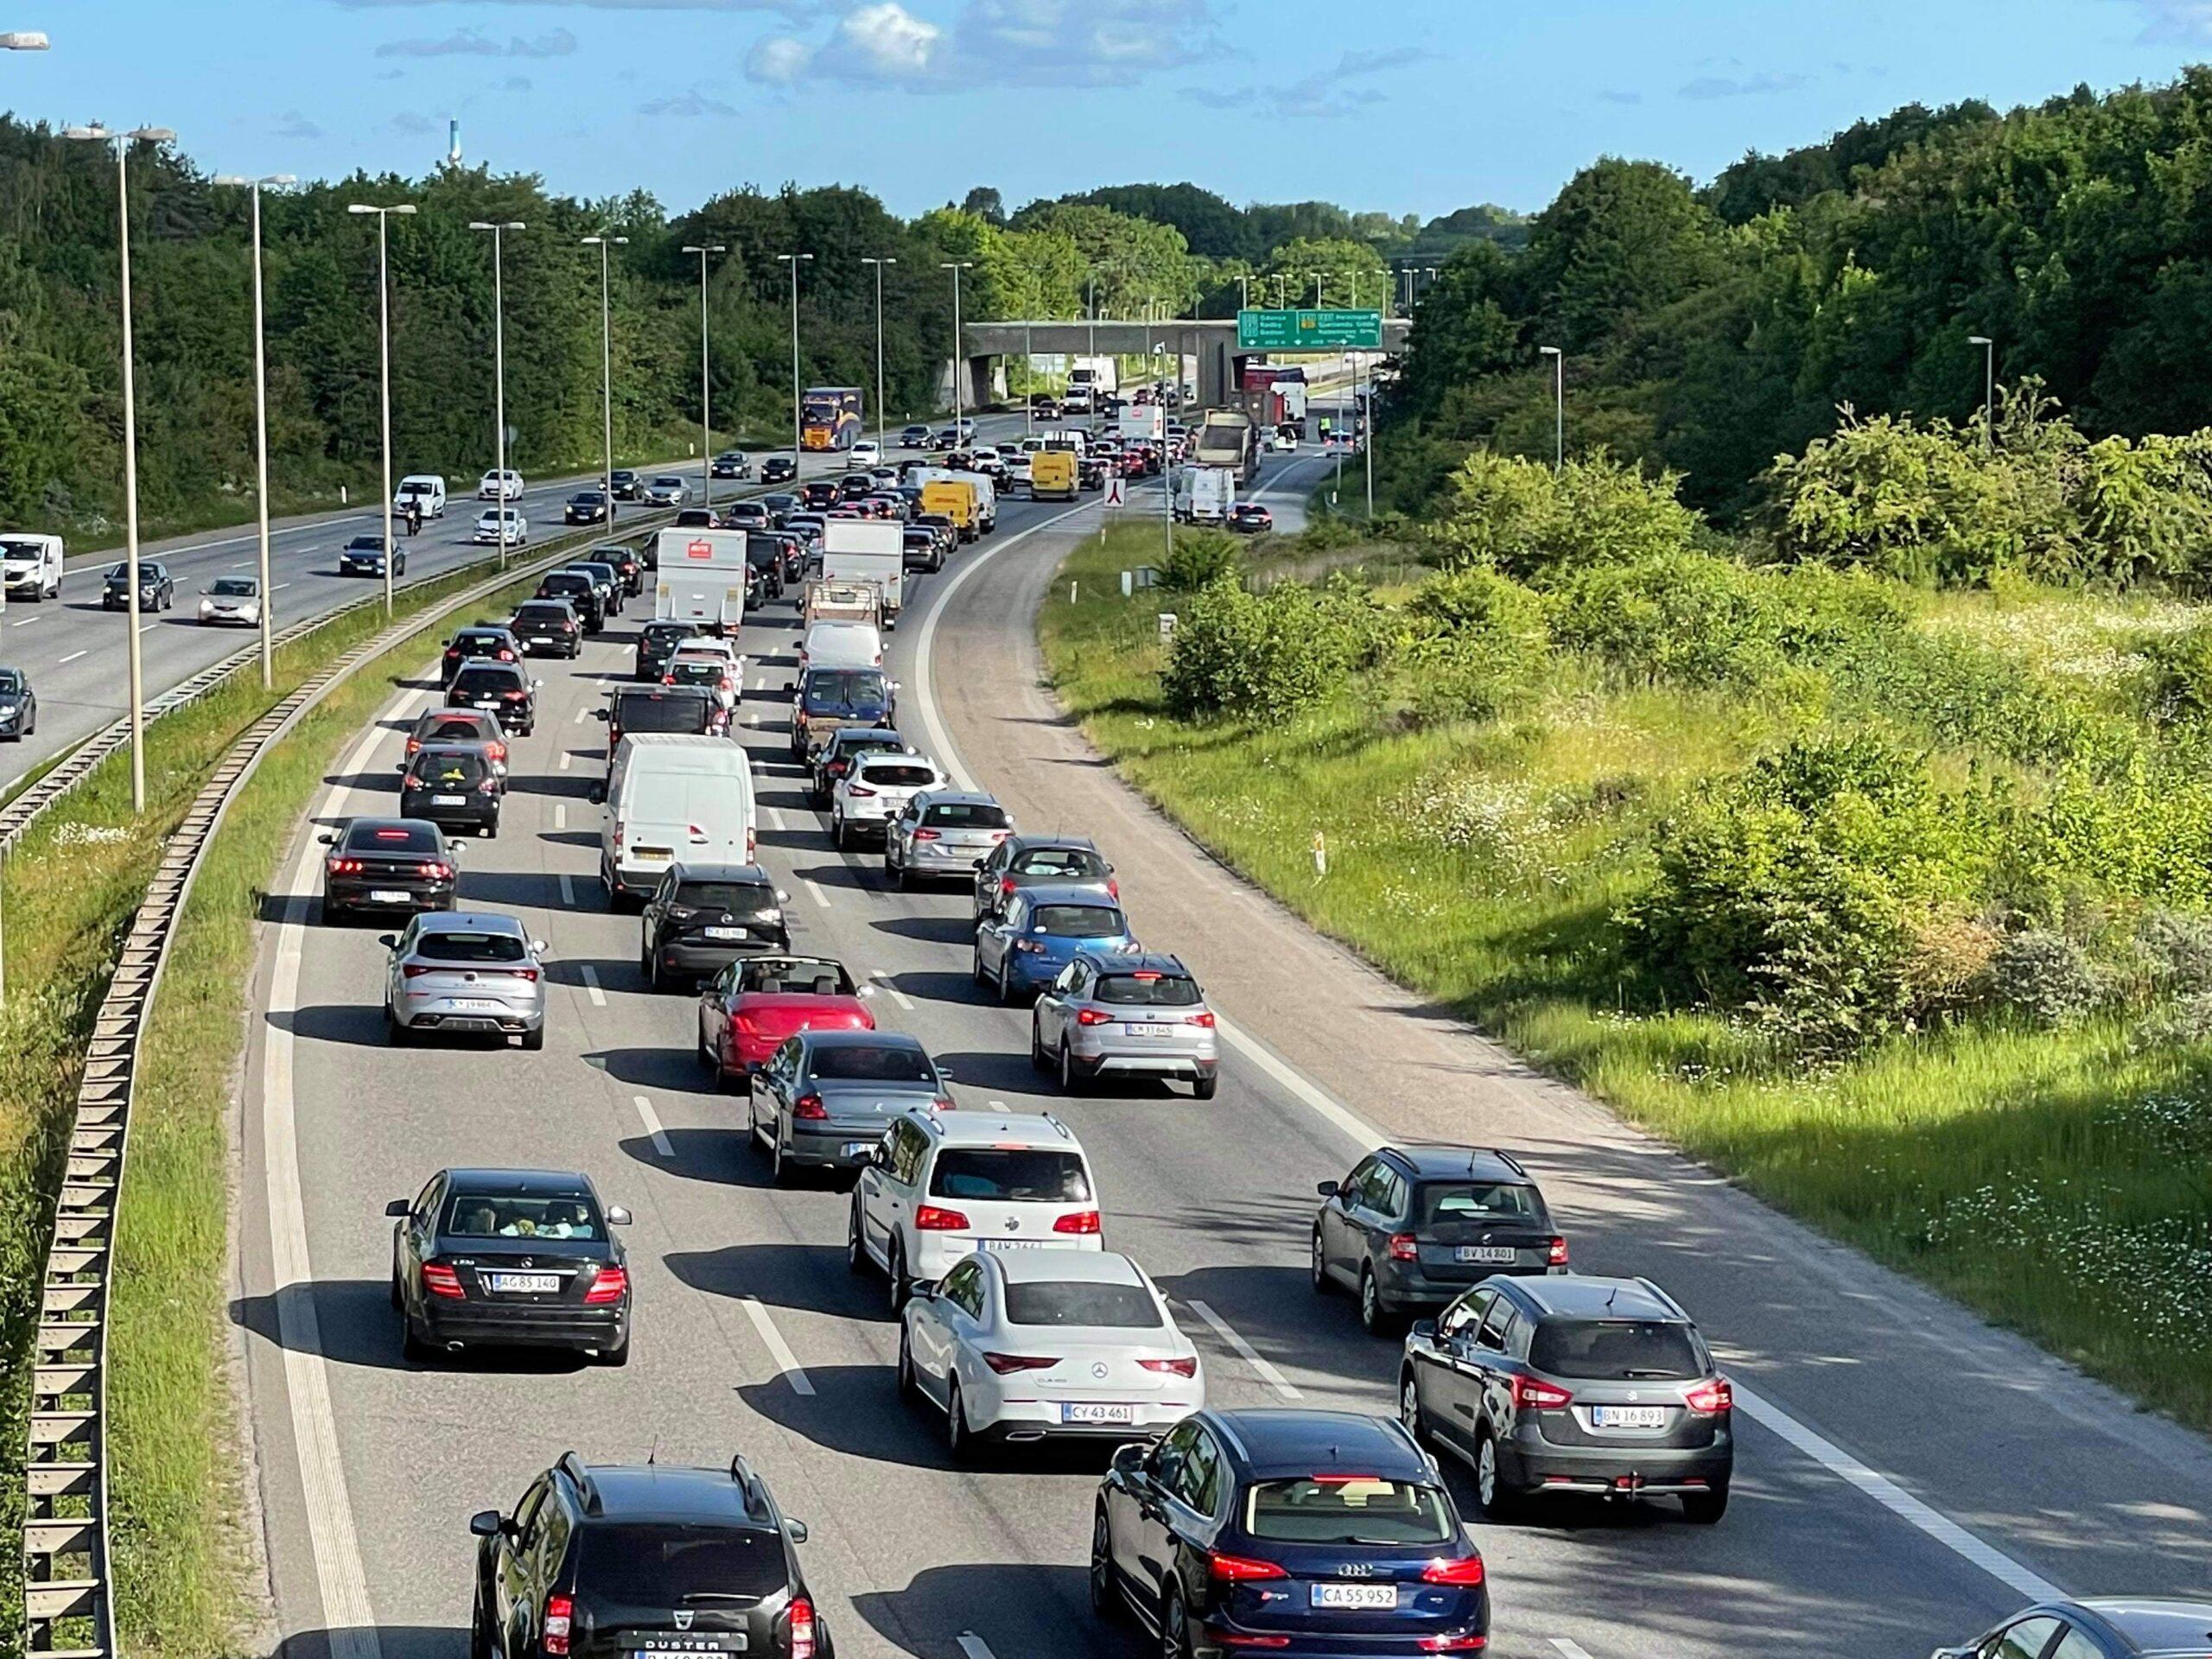 Større kø på Amagermotorvejen efter lastbilulykke